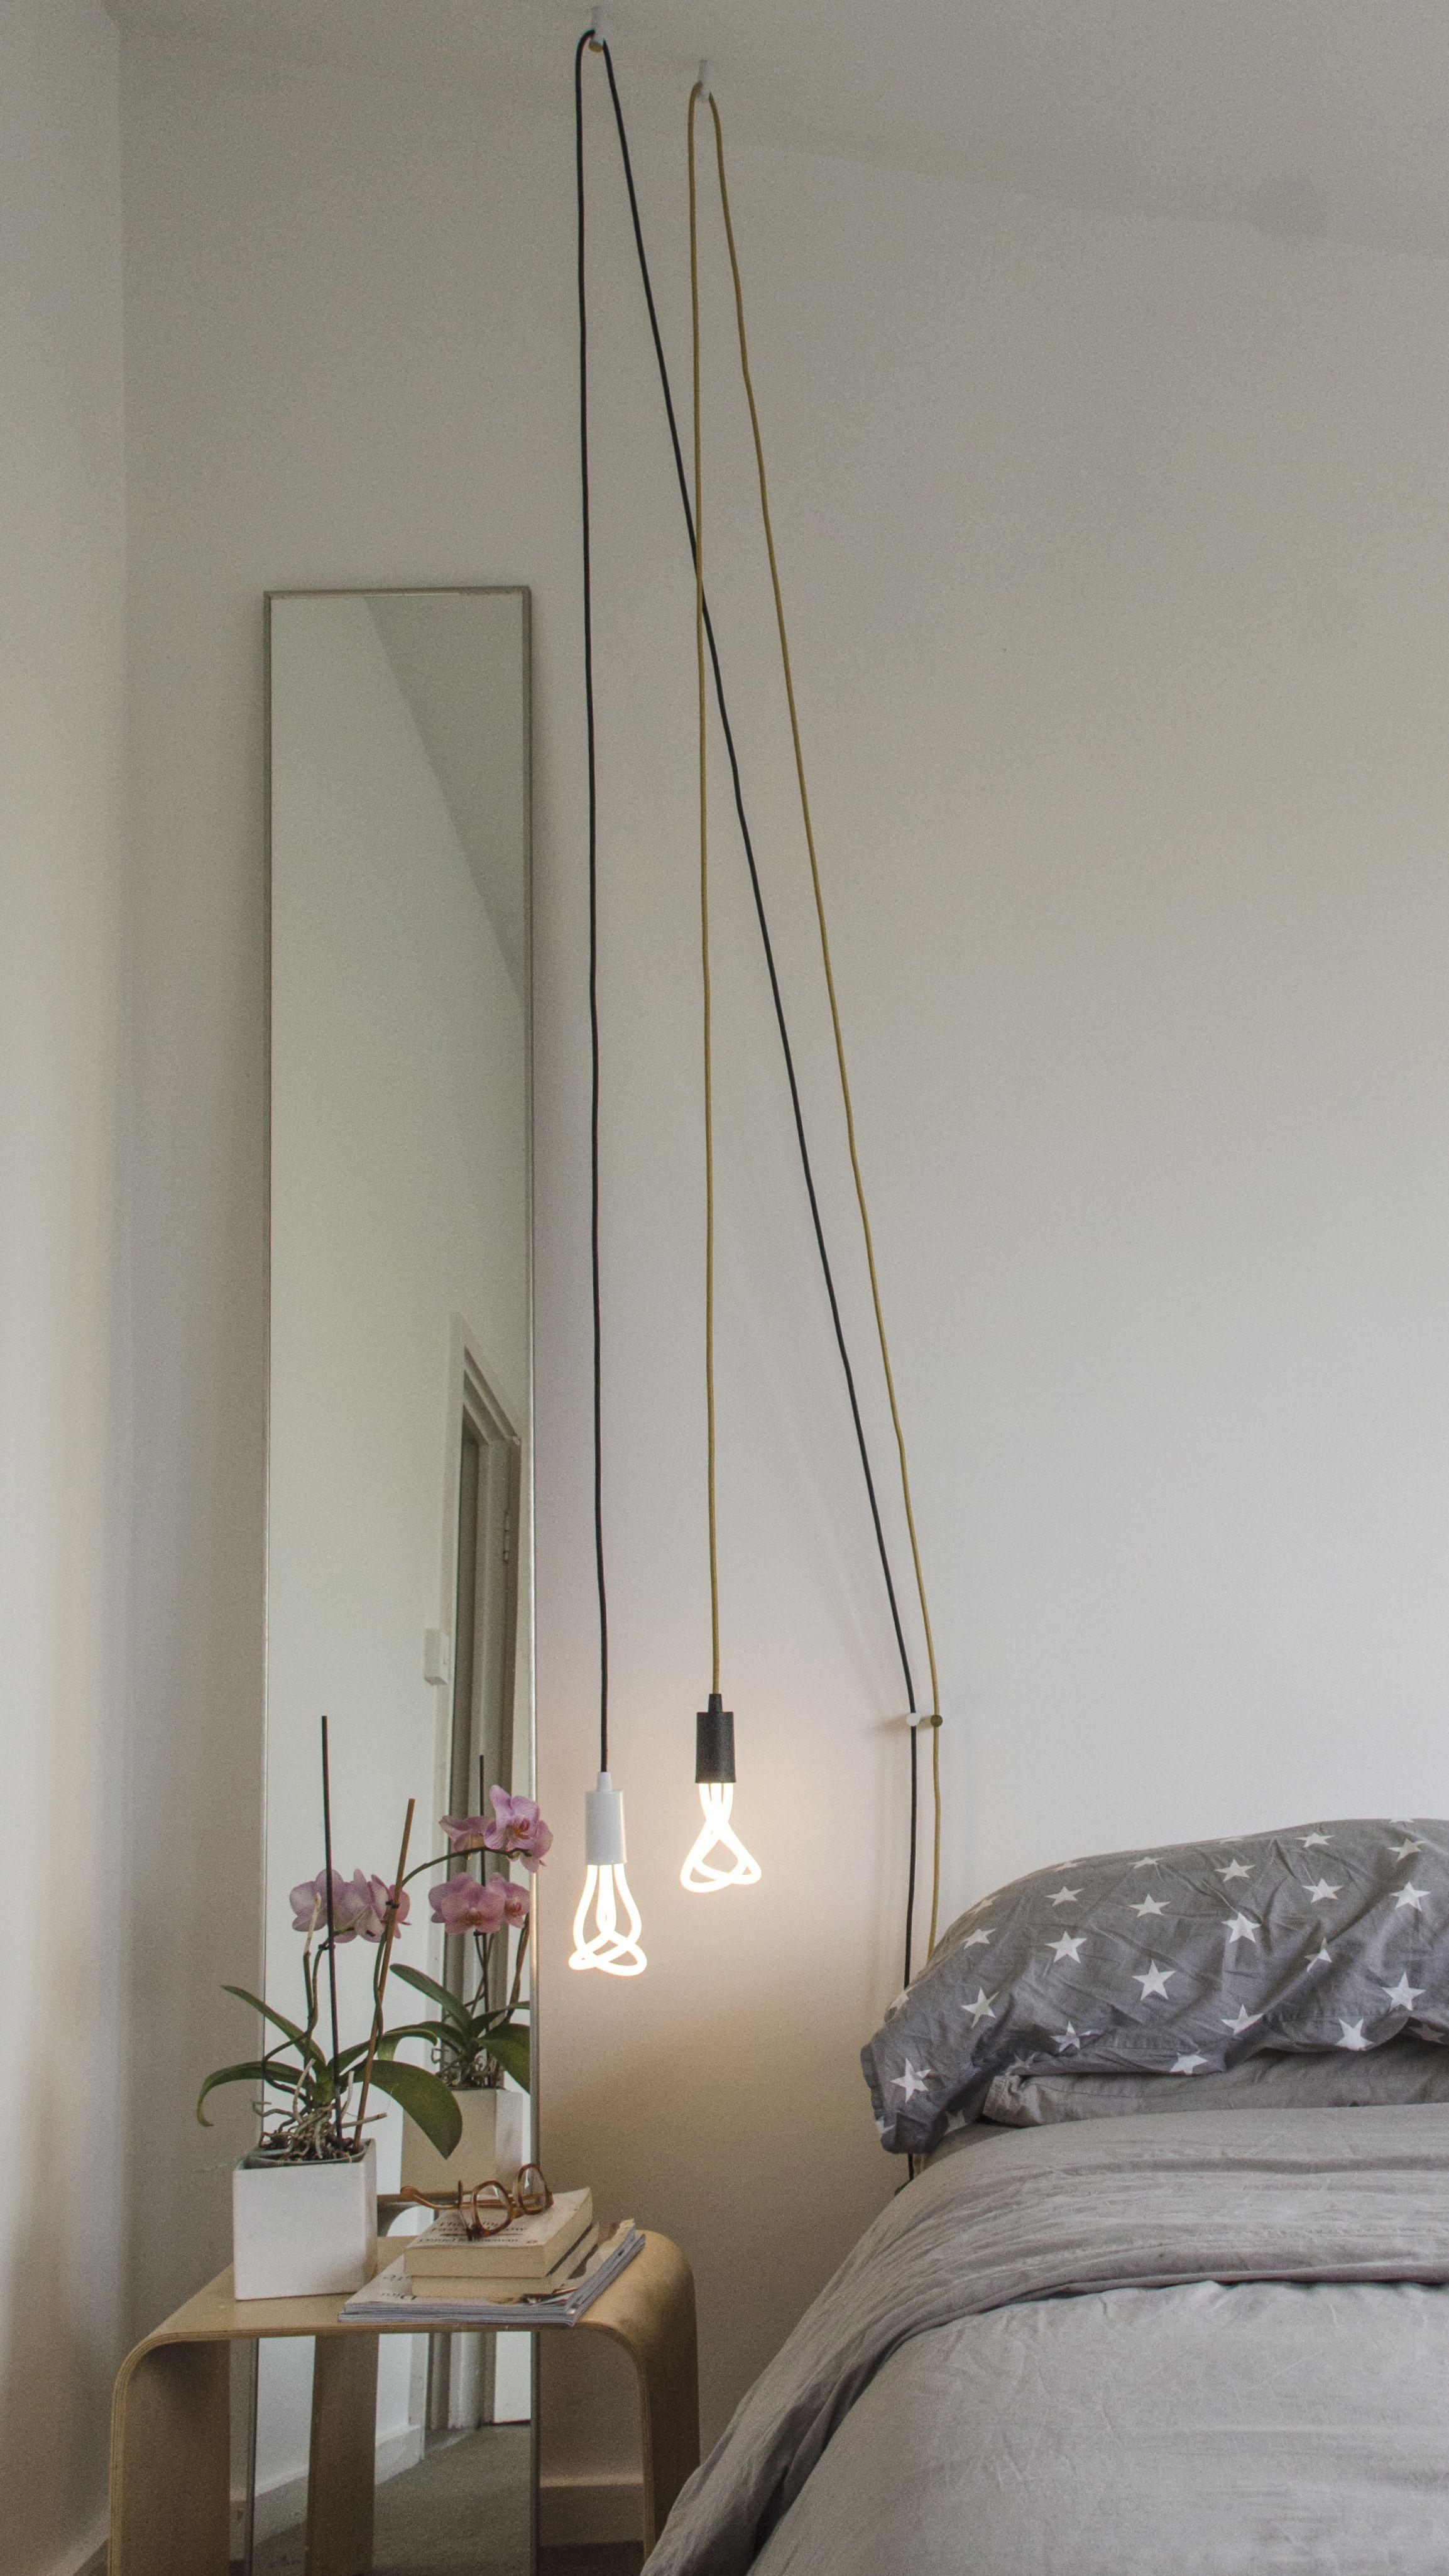 Plumen 001 LED Bulb And Plumen Pendant Set Bedside